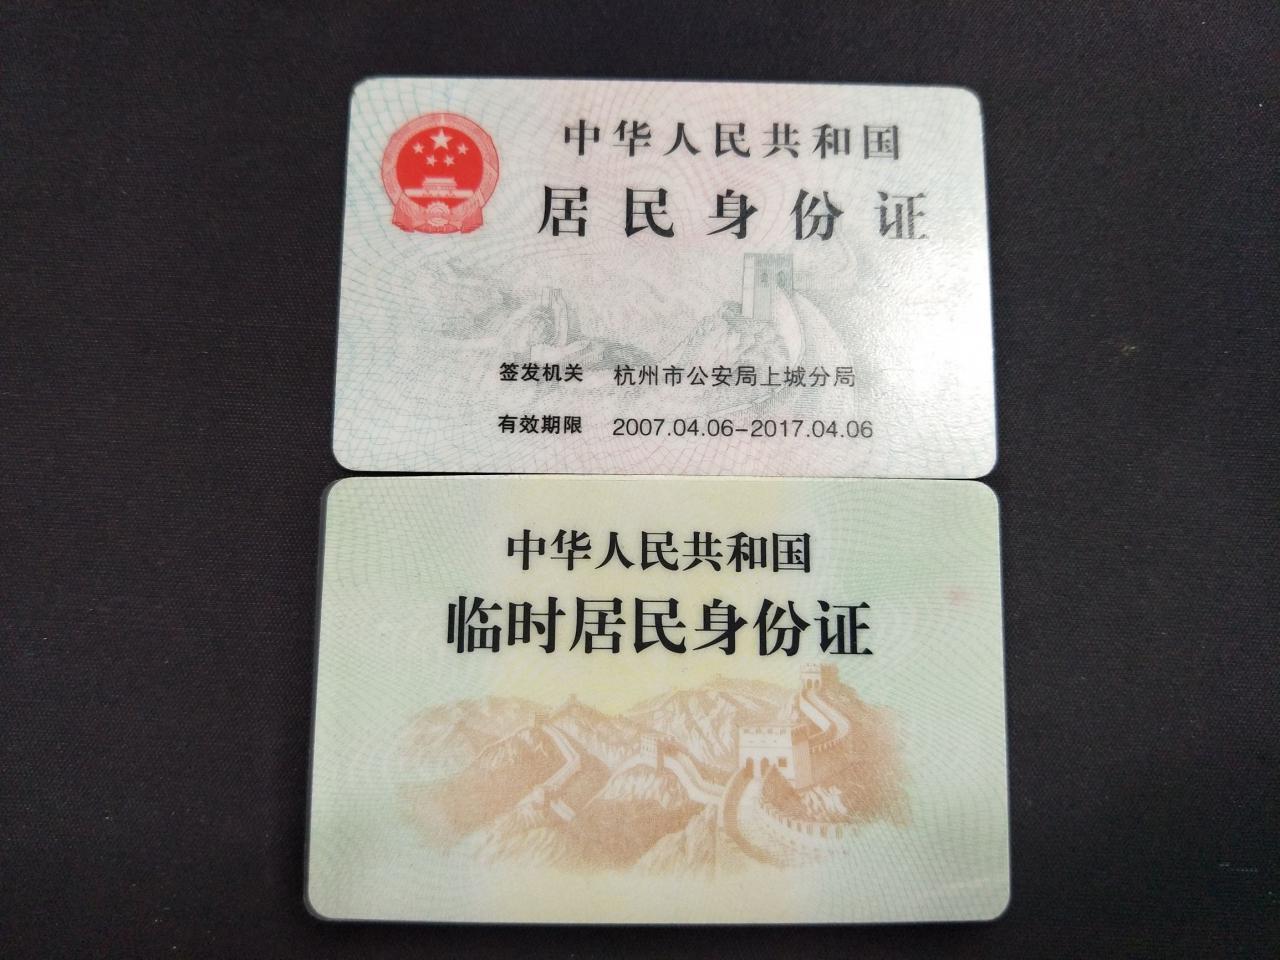 身份证过期到底能不能买火车票?能不能自助取票?小编亲测解答